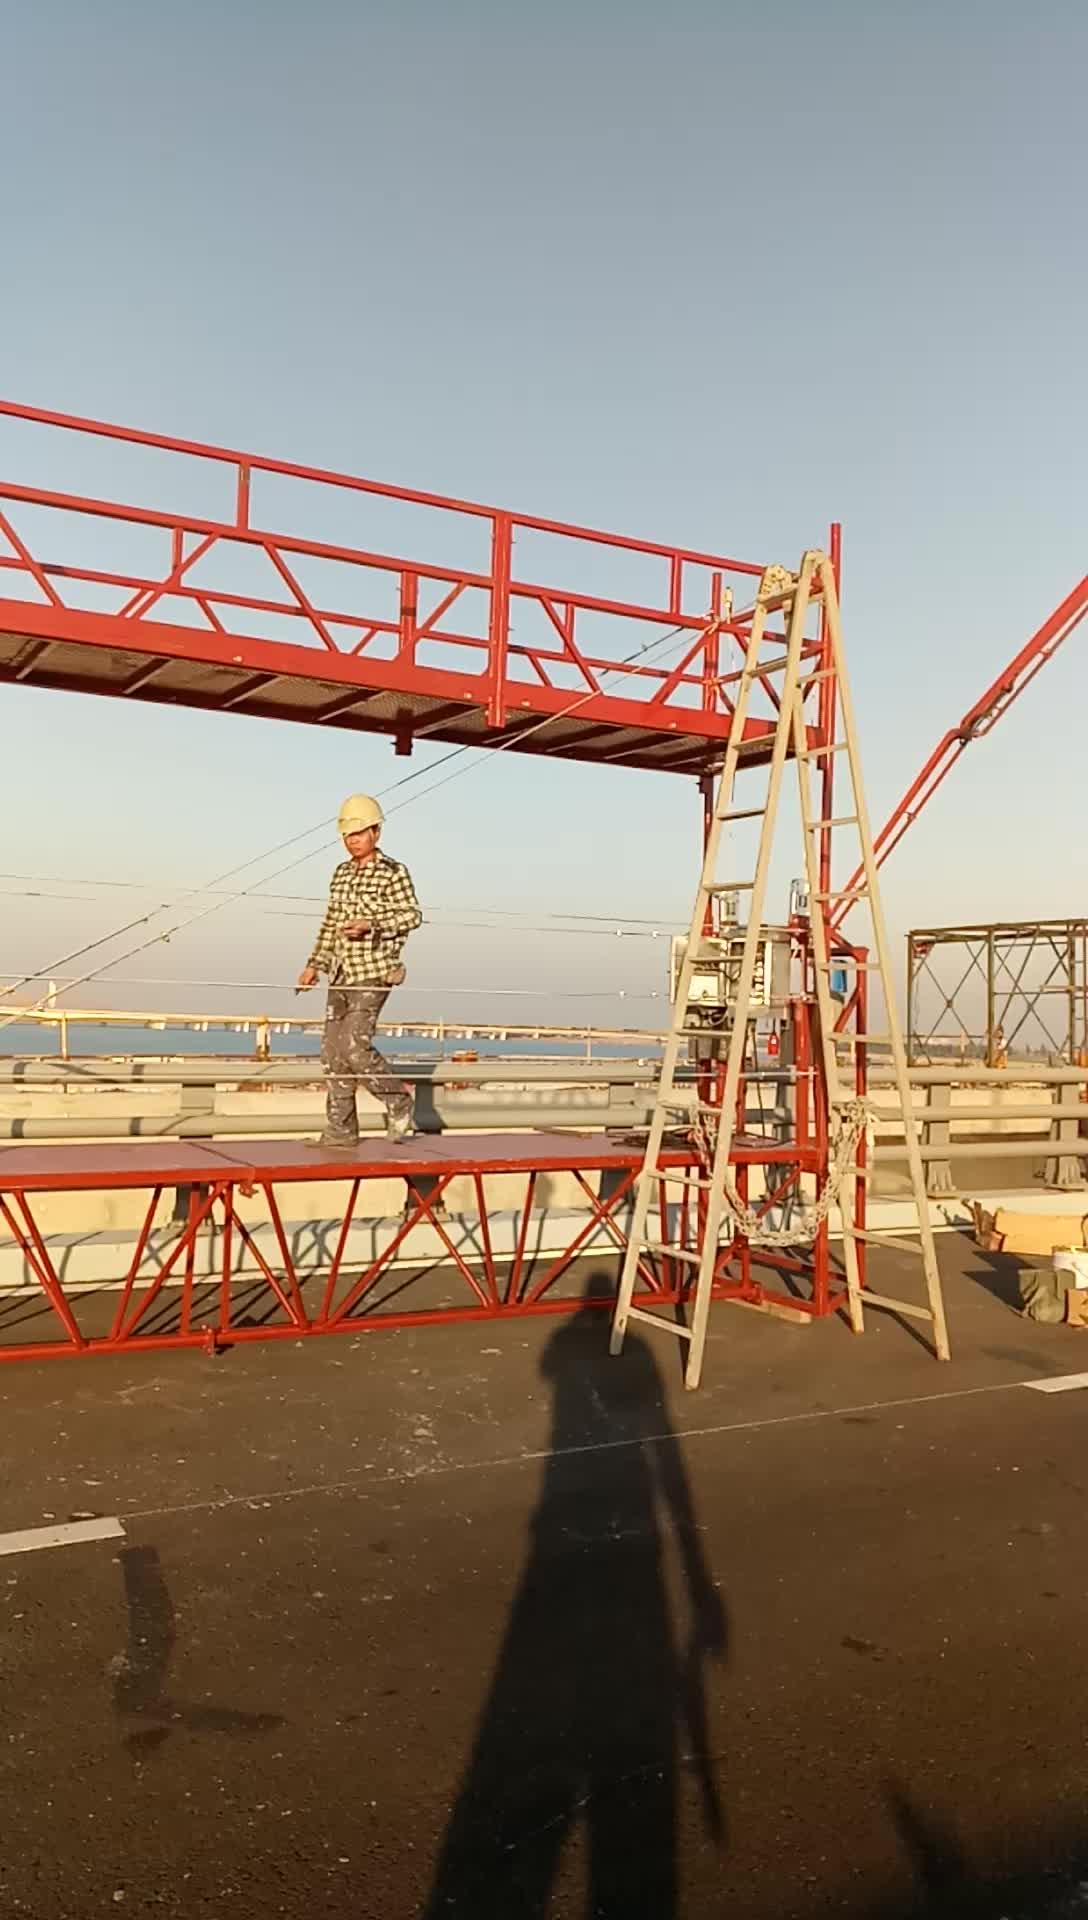 อาคารสูงระงับแพลตฟอร์มก่อสร้างอู่เรือแจวลิฟท์ประเภท E